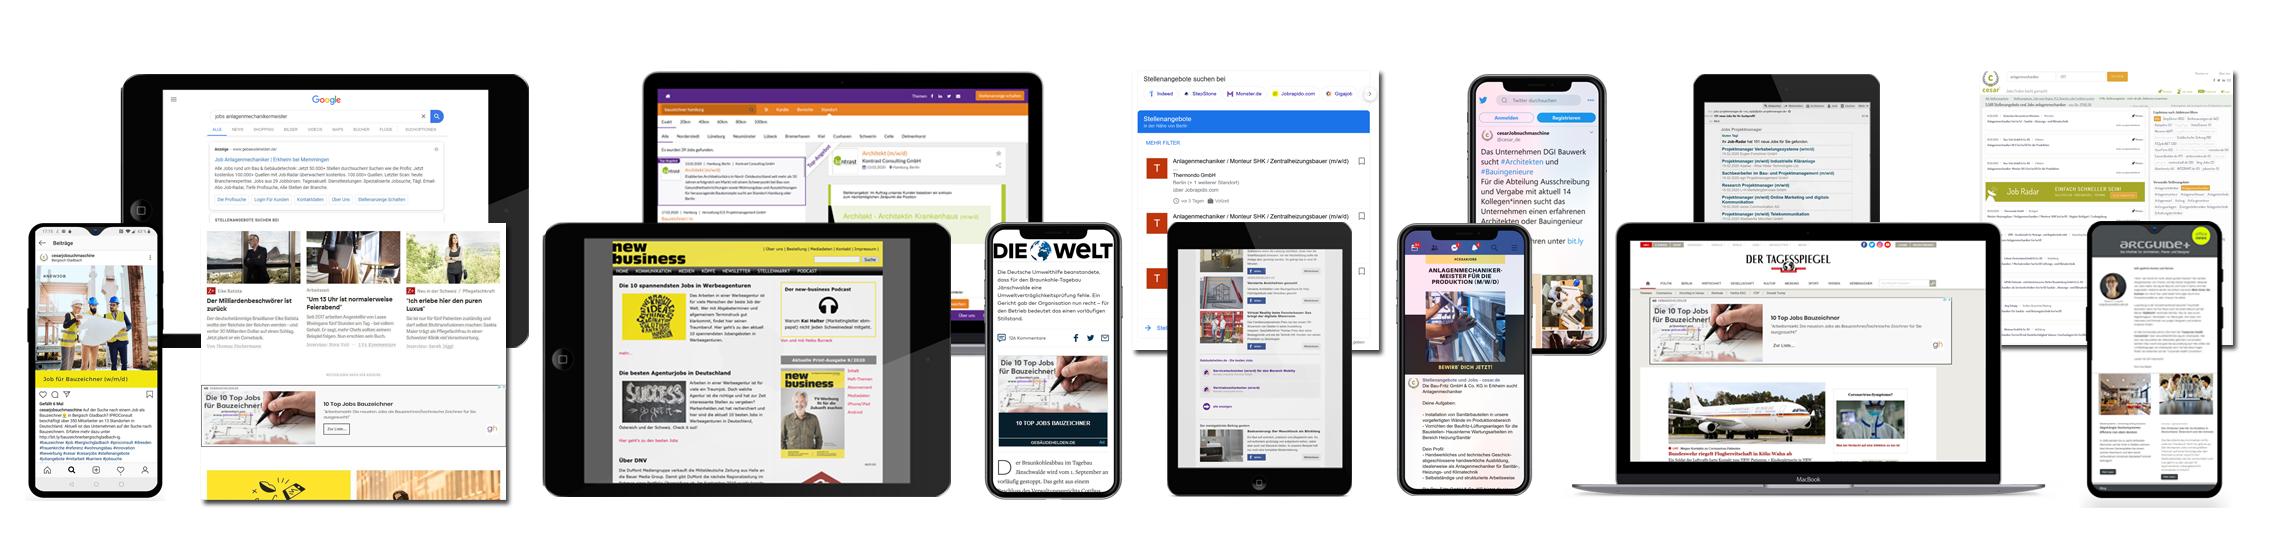 Stellenanzeigen, Redaktionelle Inhalte, Soziale Medien: Das Fachkräftenetz erreicht aktive wie latente Jobsucher